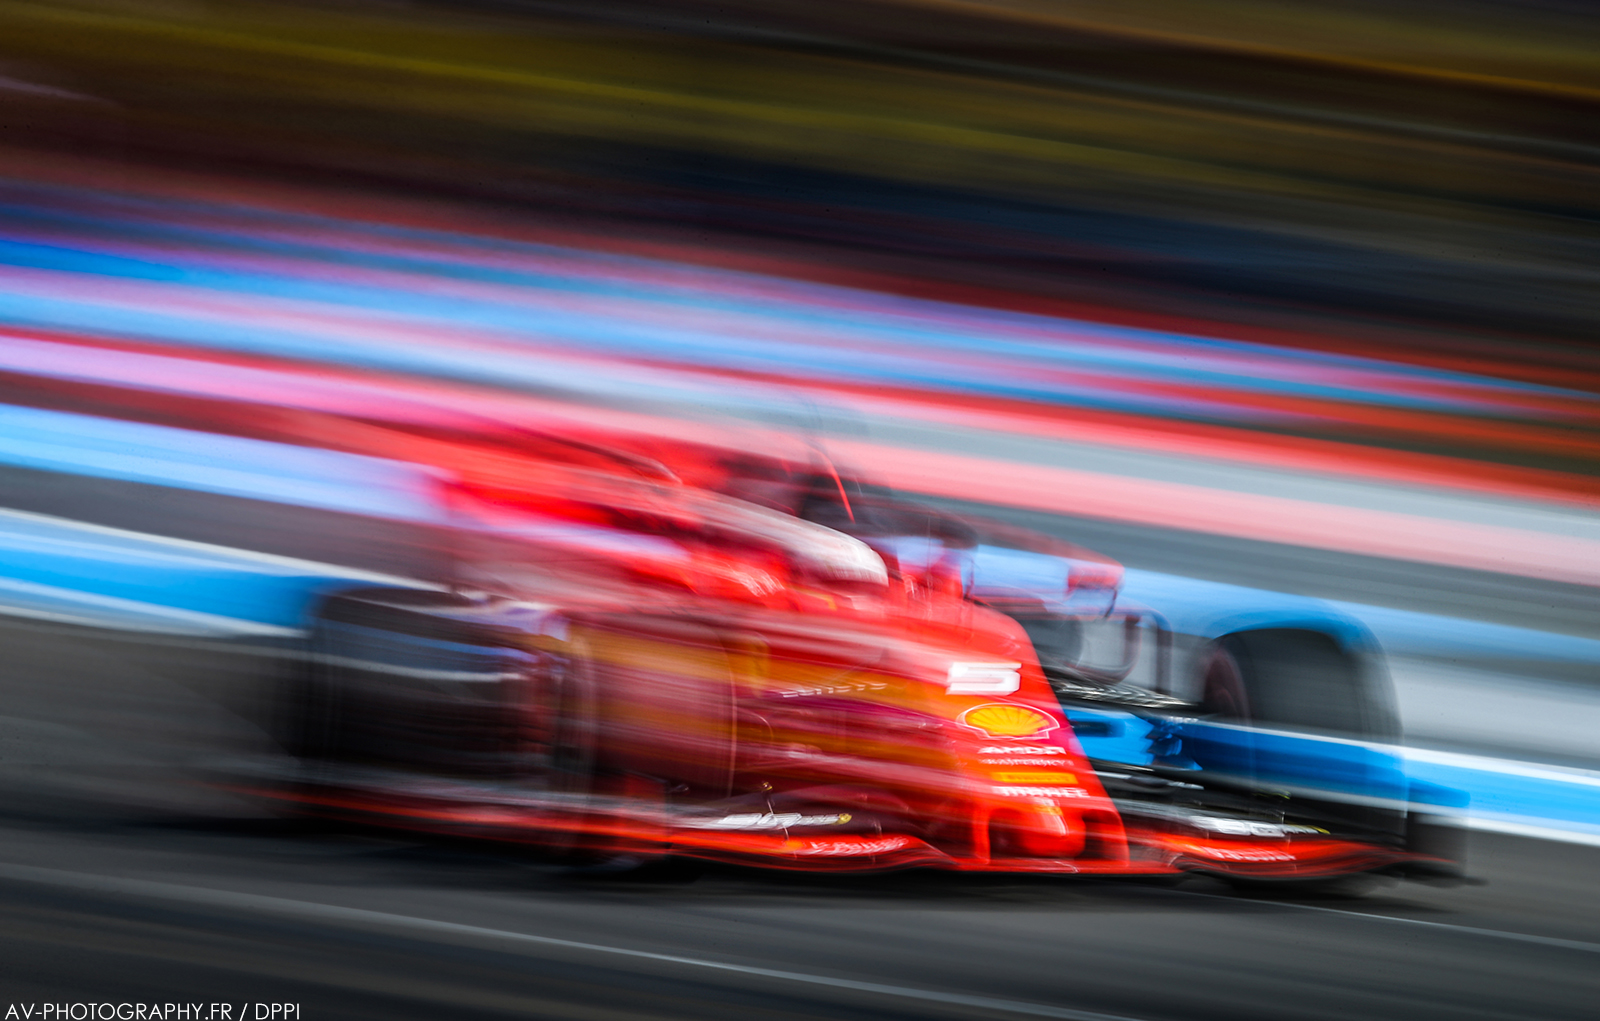 F1 – FRANCE GRAND PRIX RACE – 2019